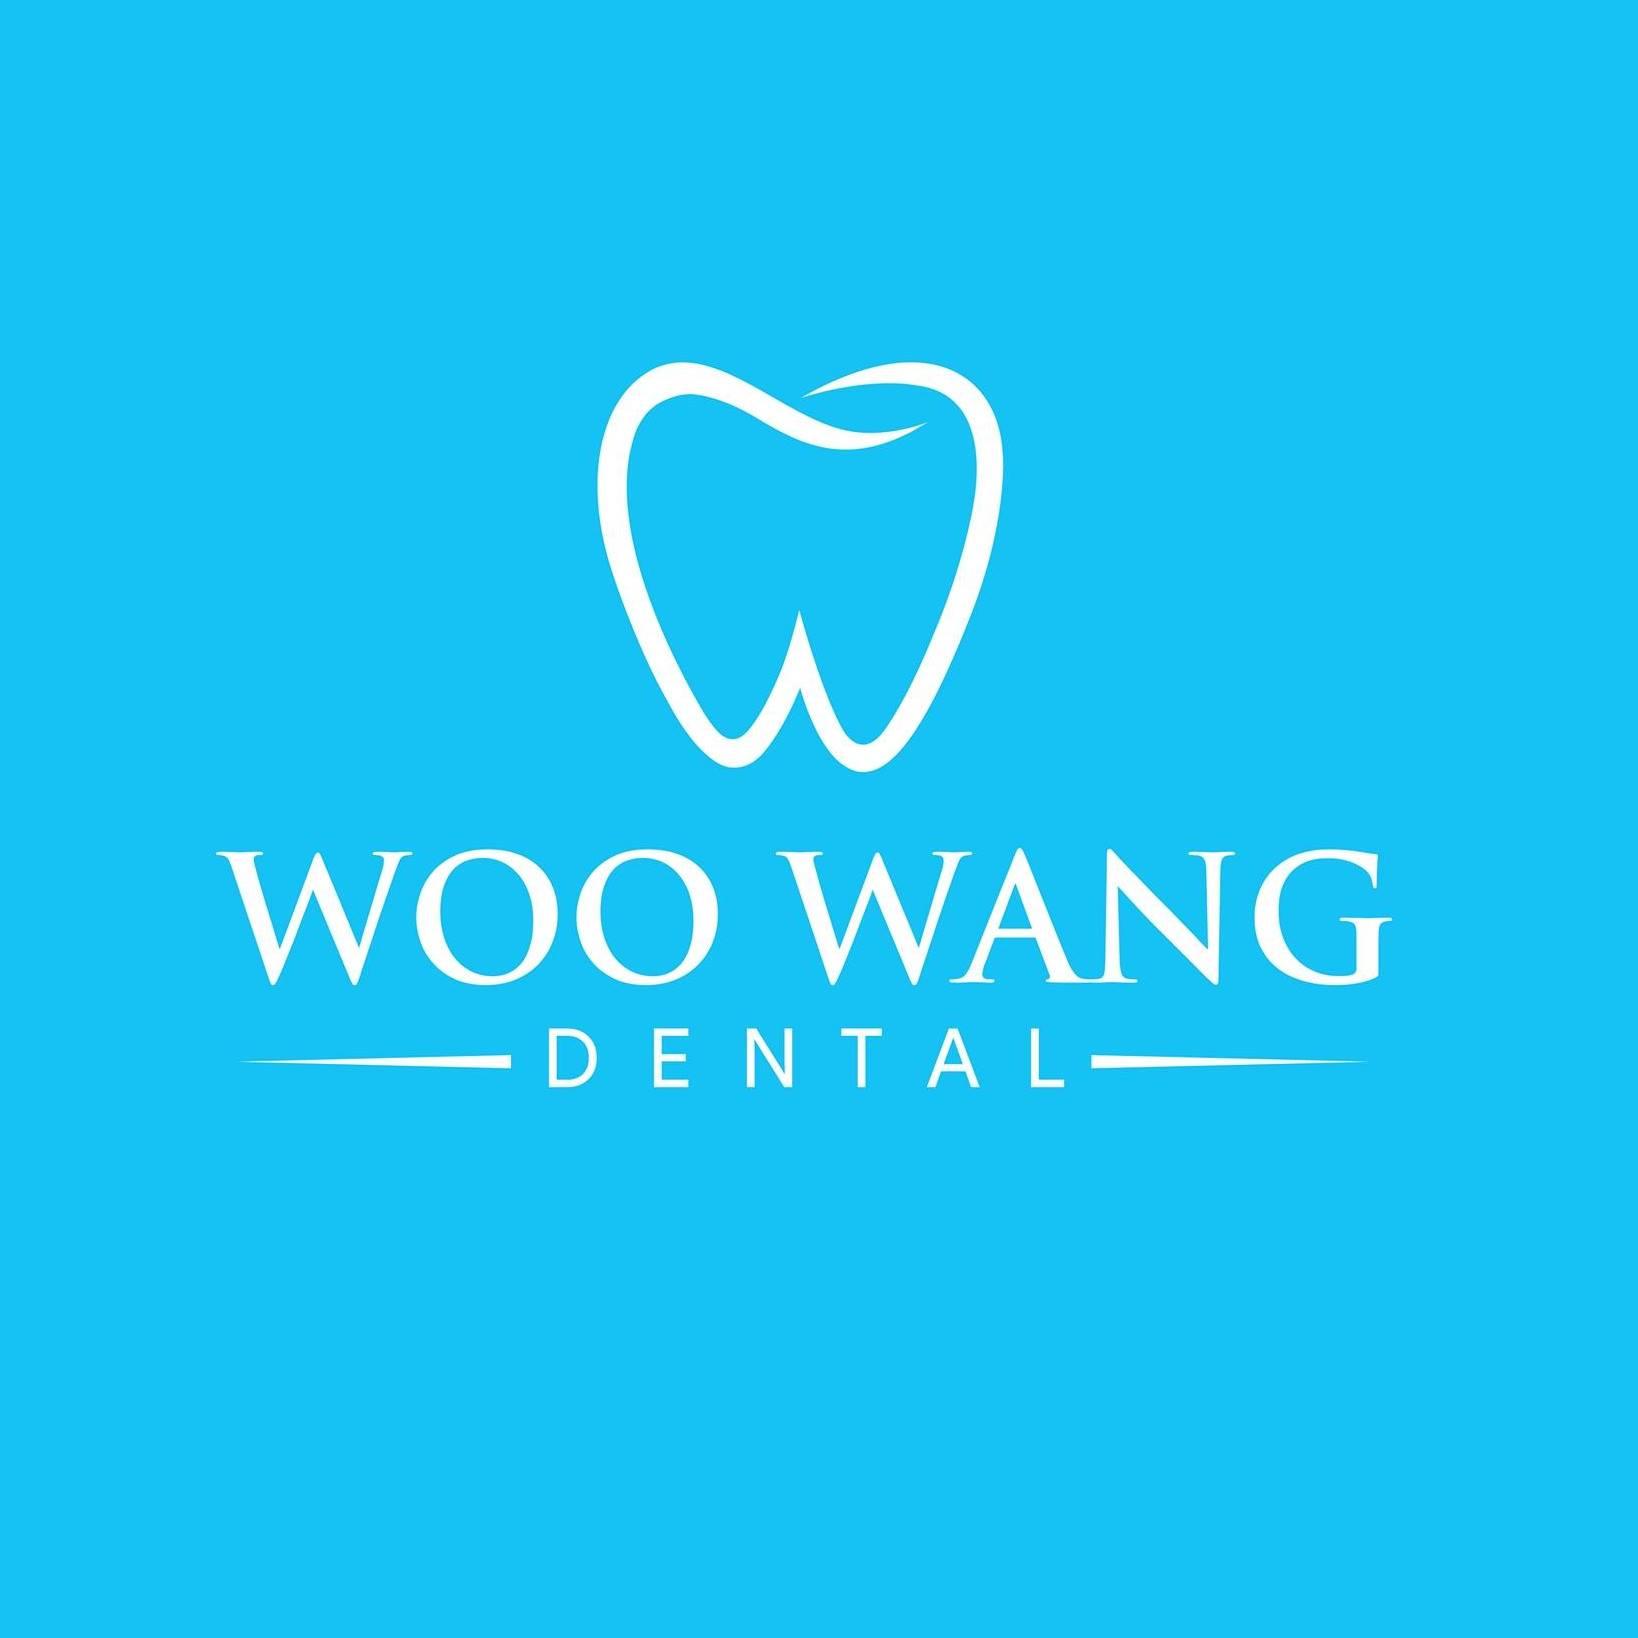 Woo Wang Dental